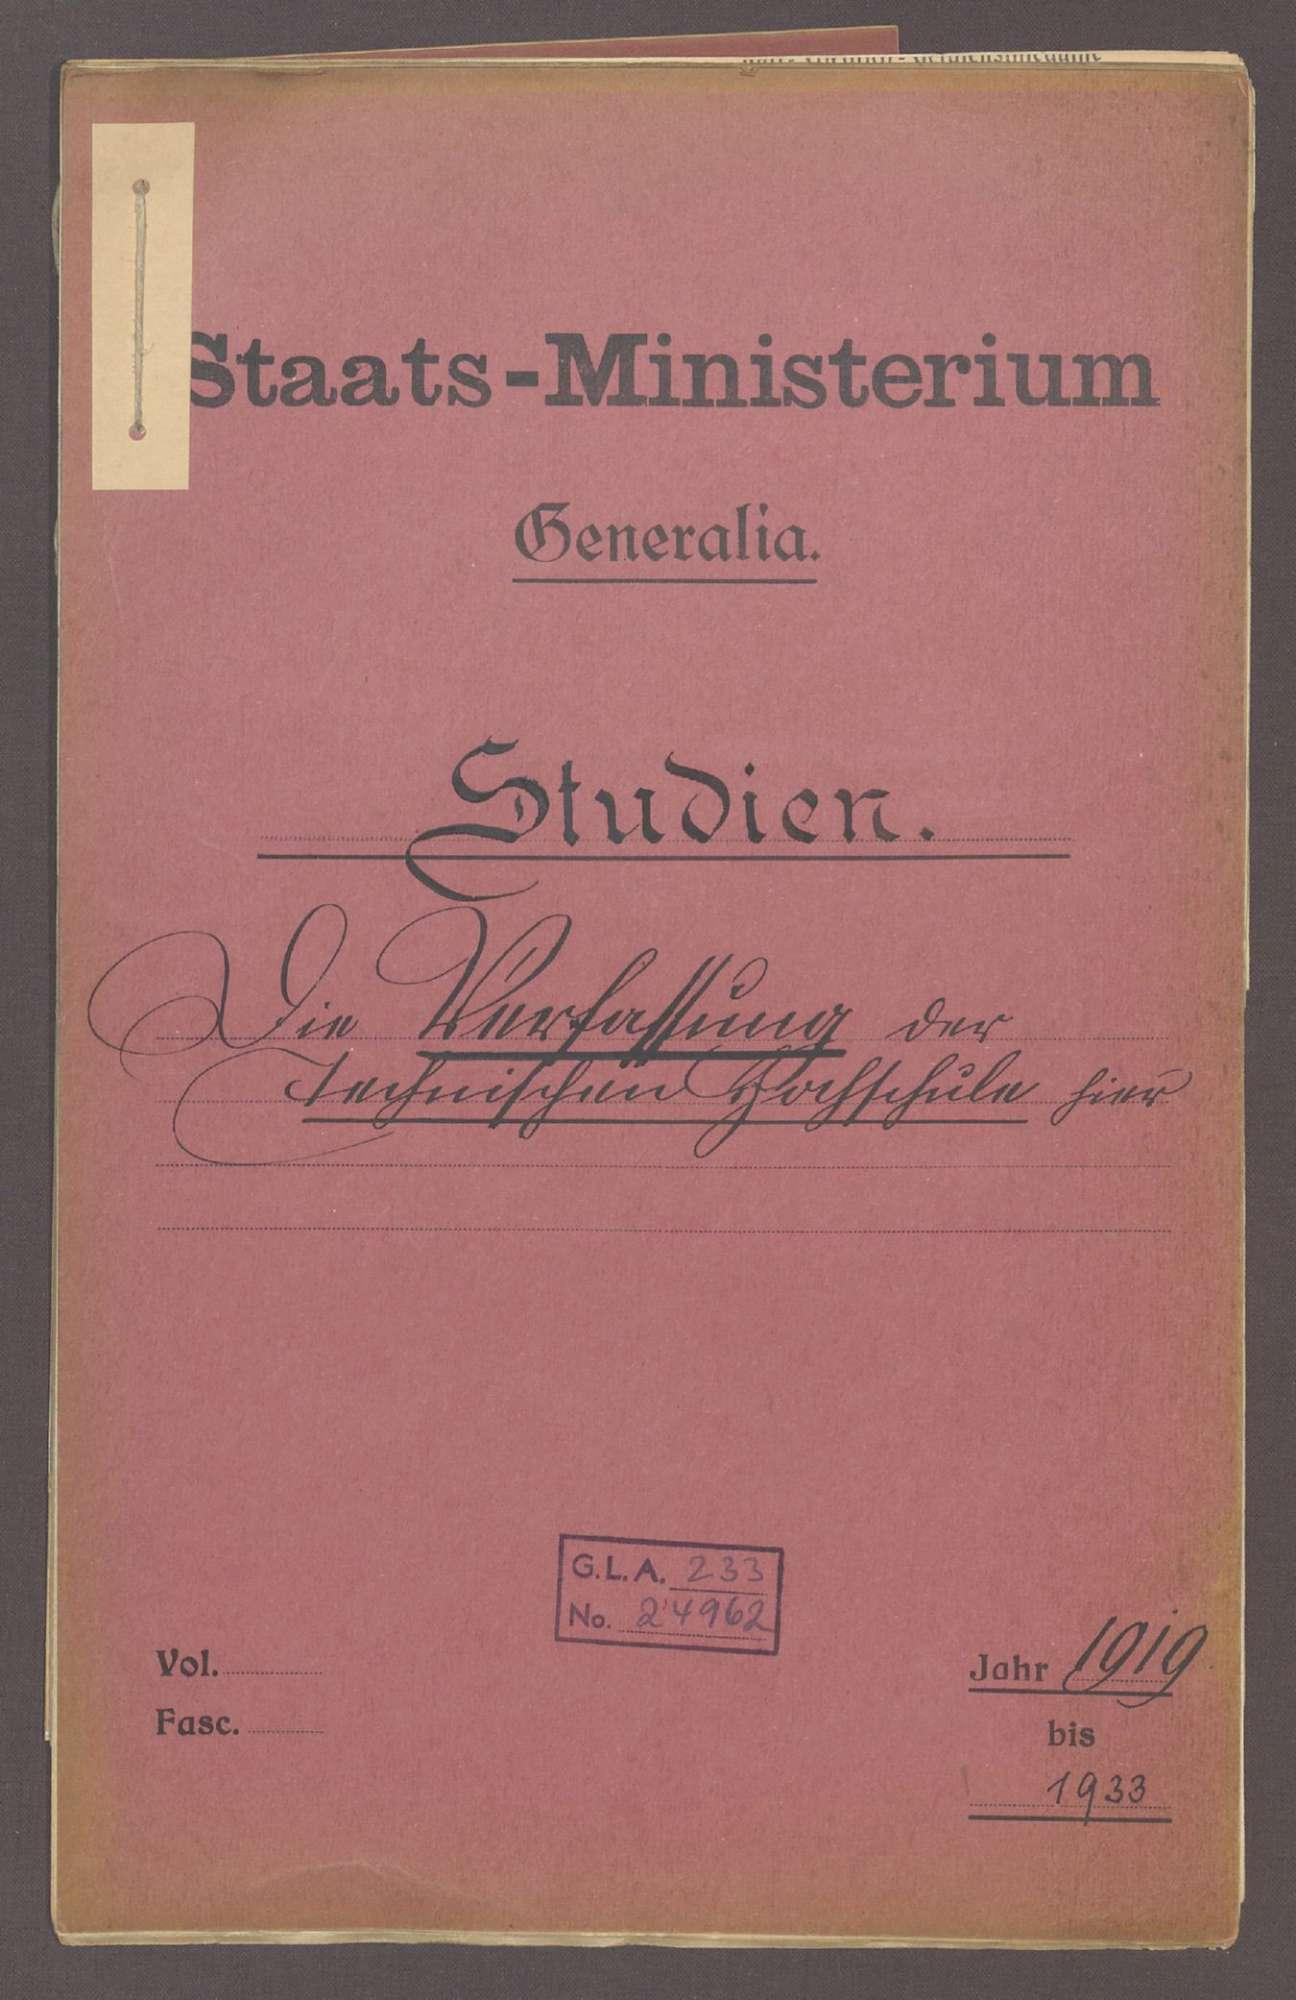 Die Verfassung der Technischen Hochschule Karlsruhe, Bild 1